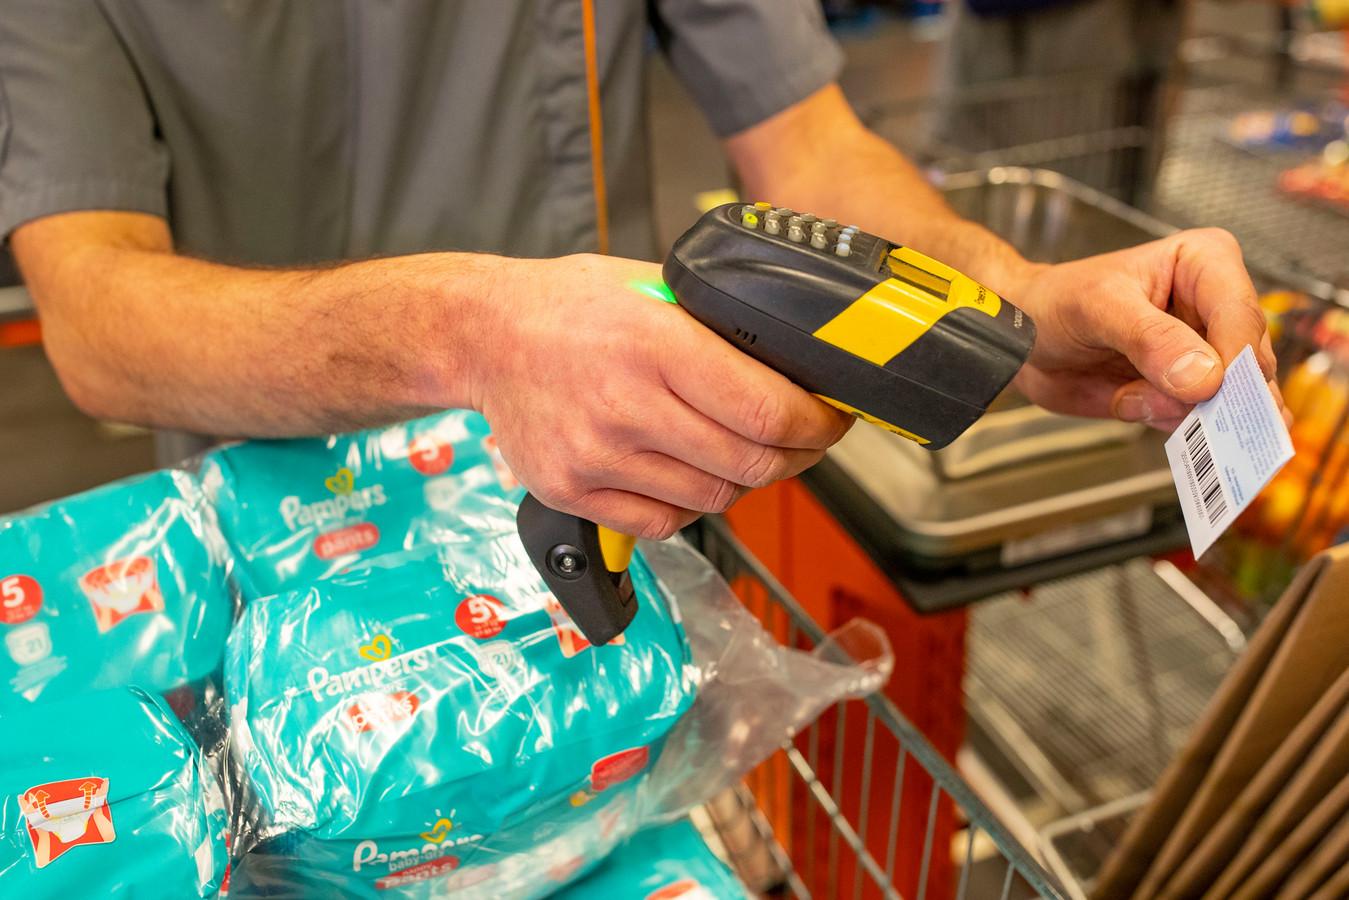 Colruyt est la première chaîne de grands magasins à mettre un terme à l'utilisation extrême de coupons de réduction à la caisse.